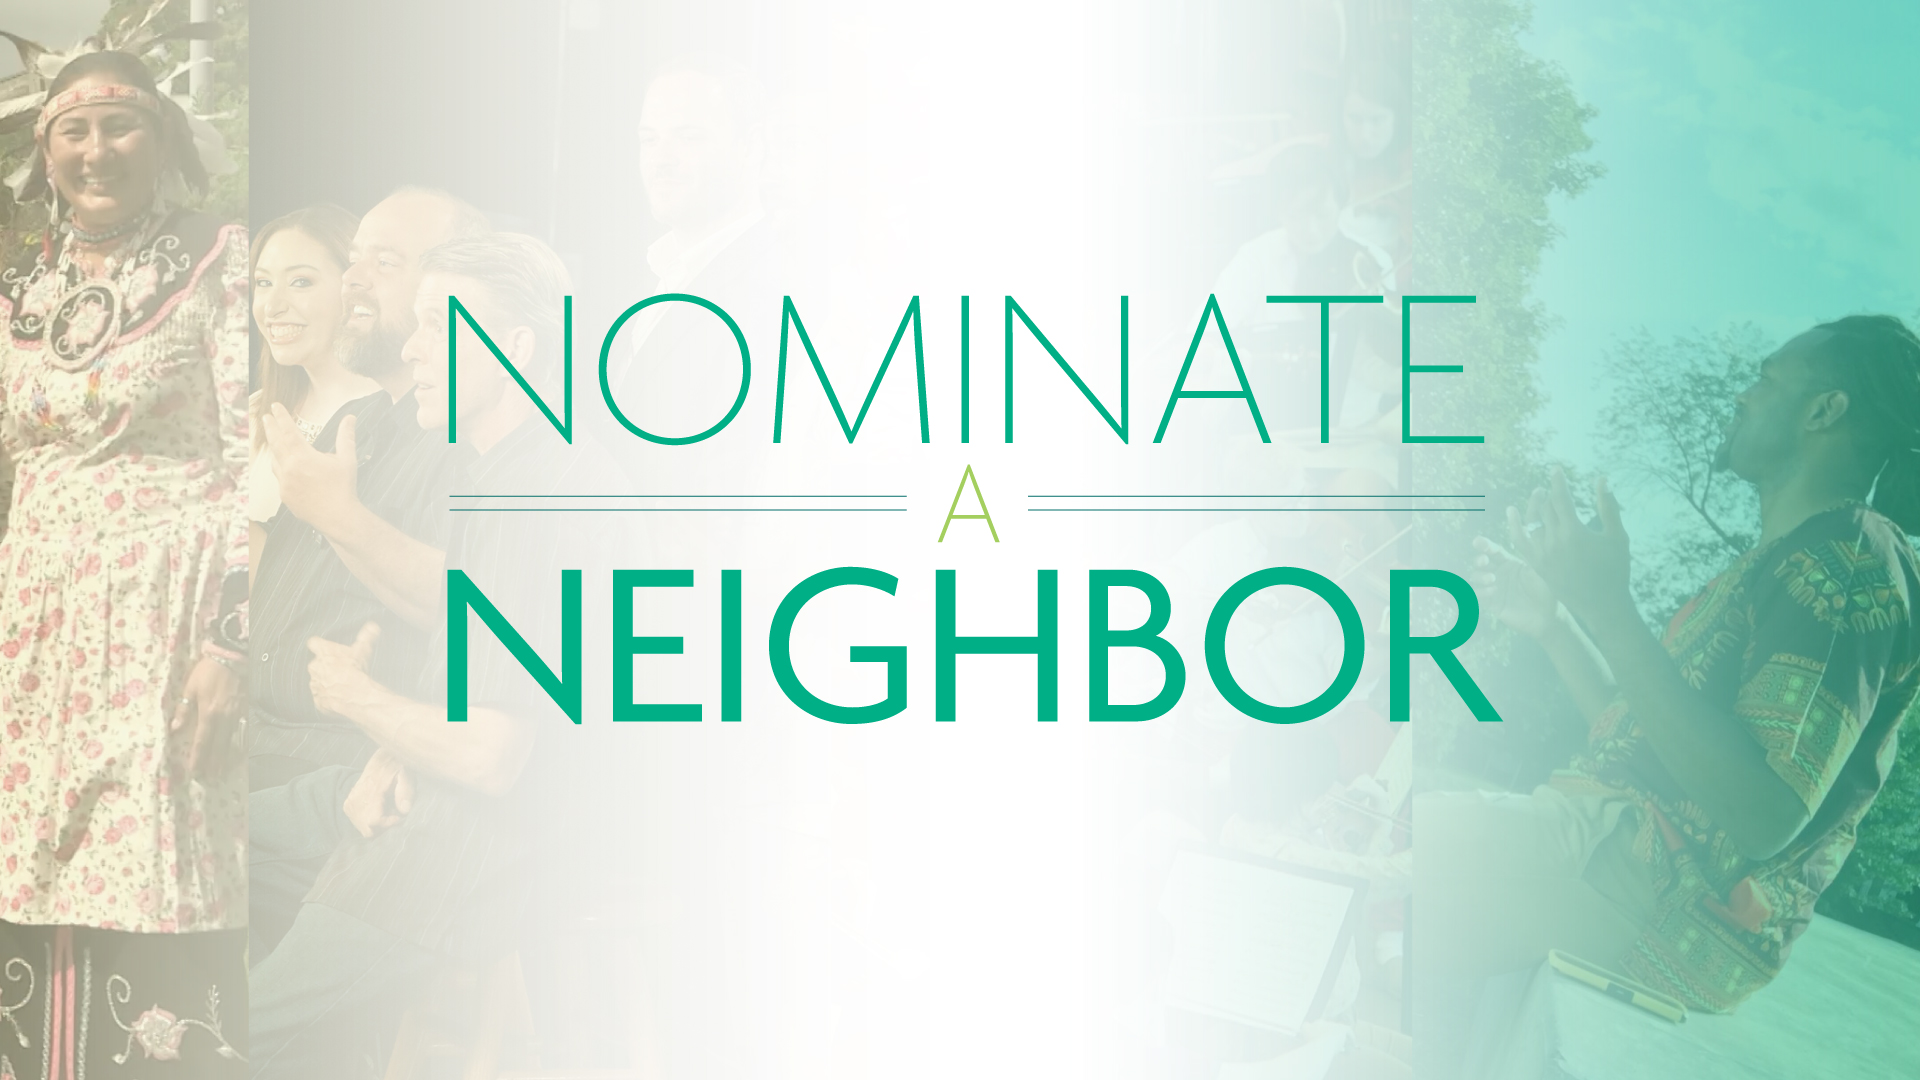 Nominate a Neighbor